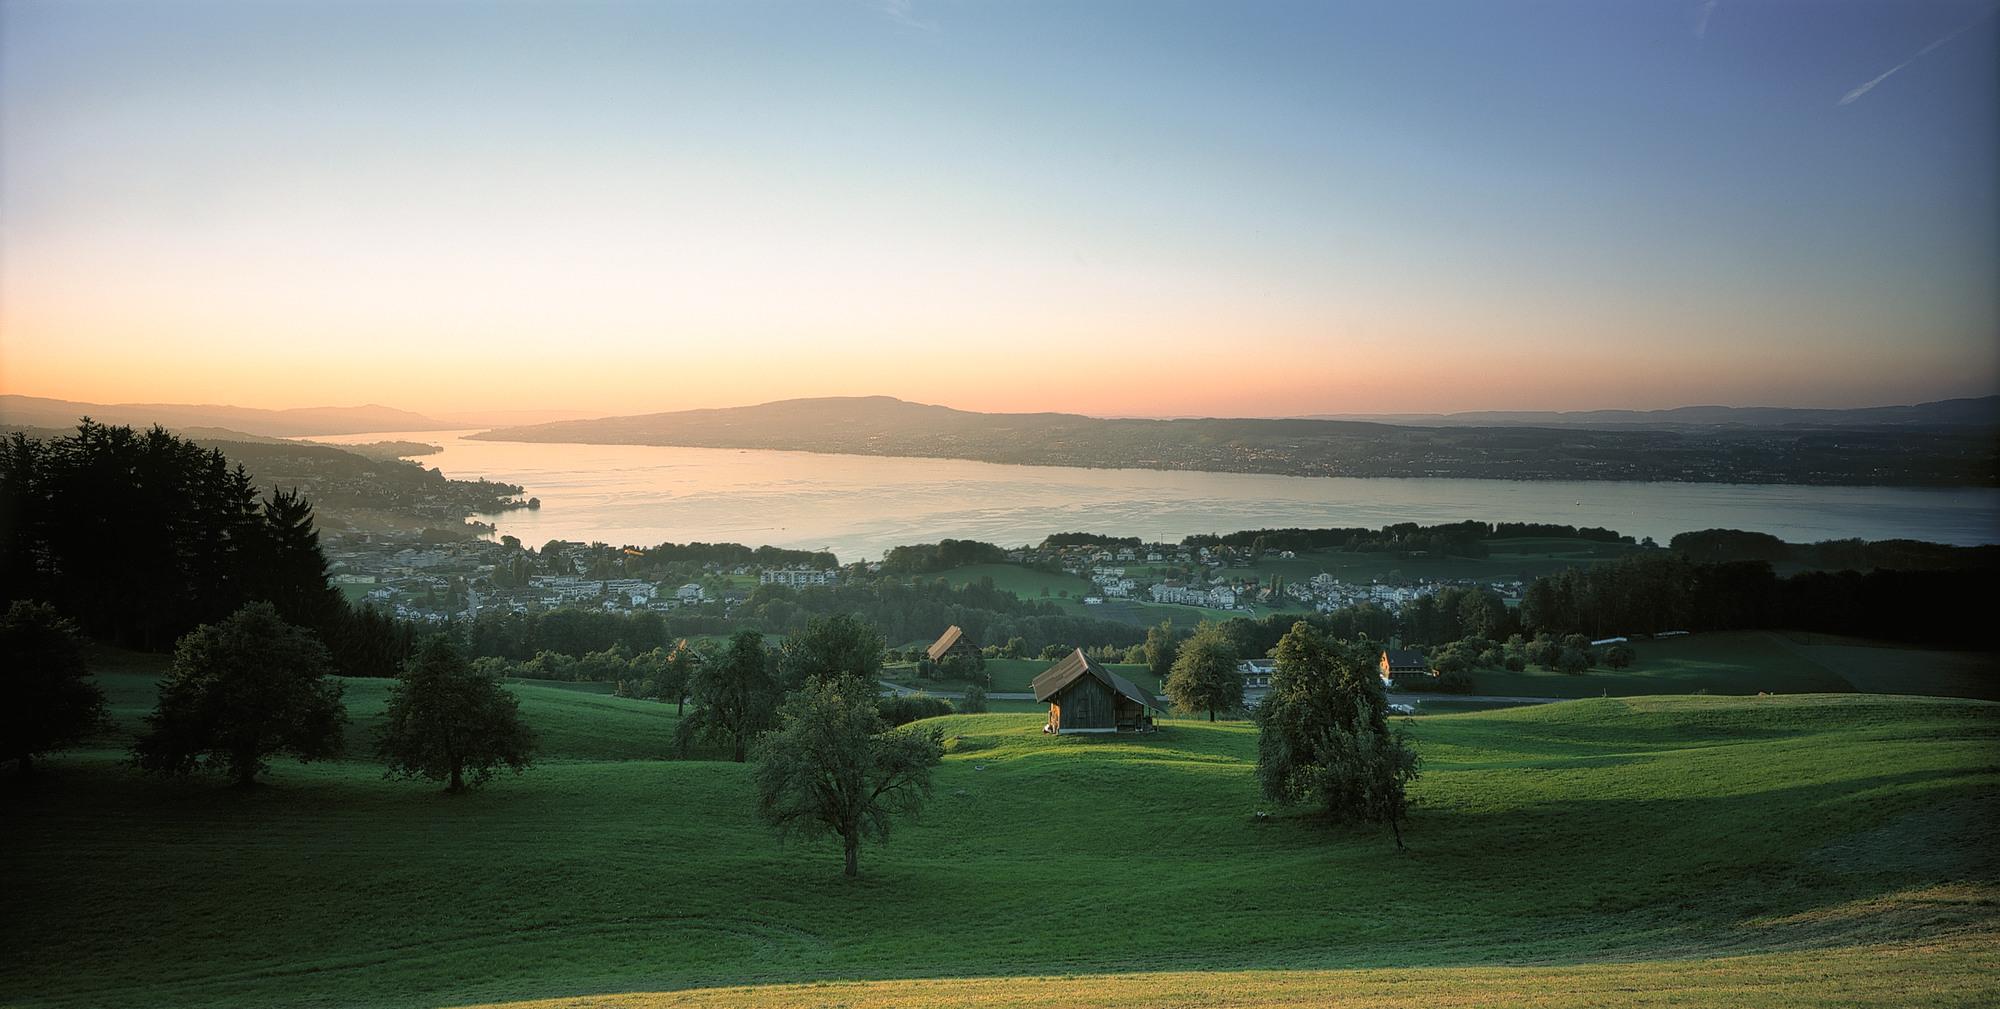 Das Panorama Resort & Spa in Feusisberg (Kanton Schwyz) verfügt über eine grosse Erfahrung mit Firmenveranstaltungen und Incentives.